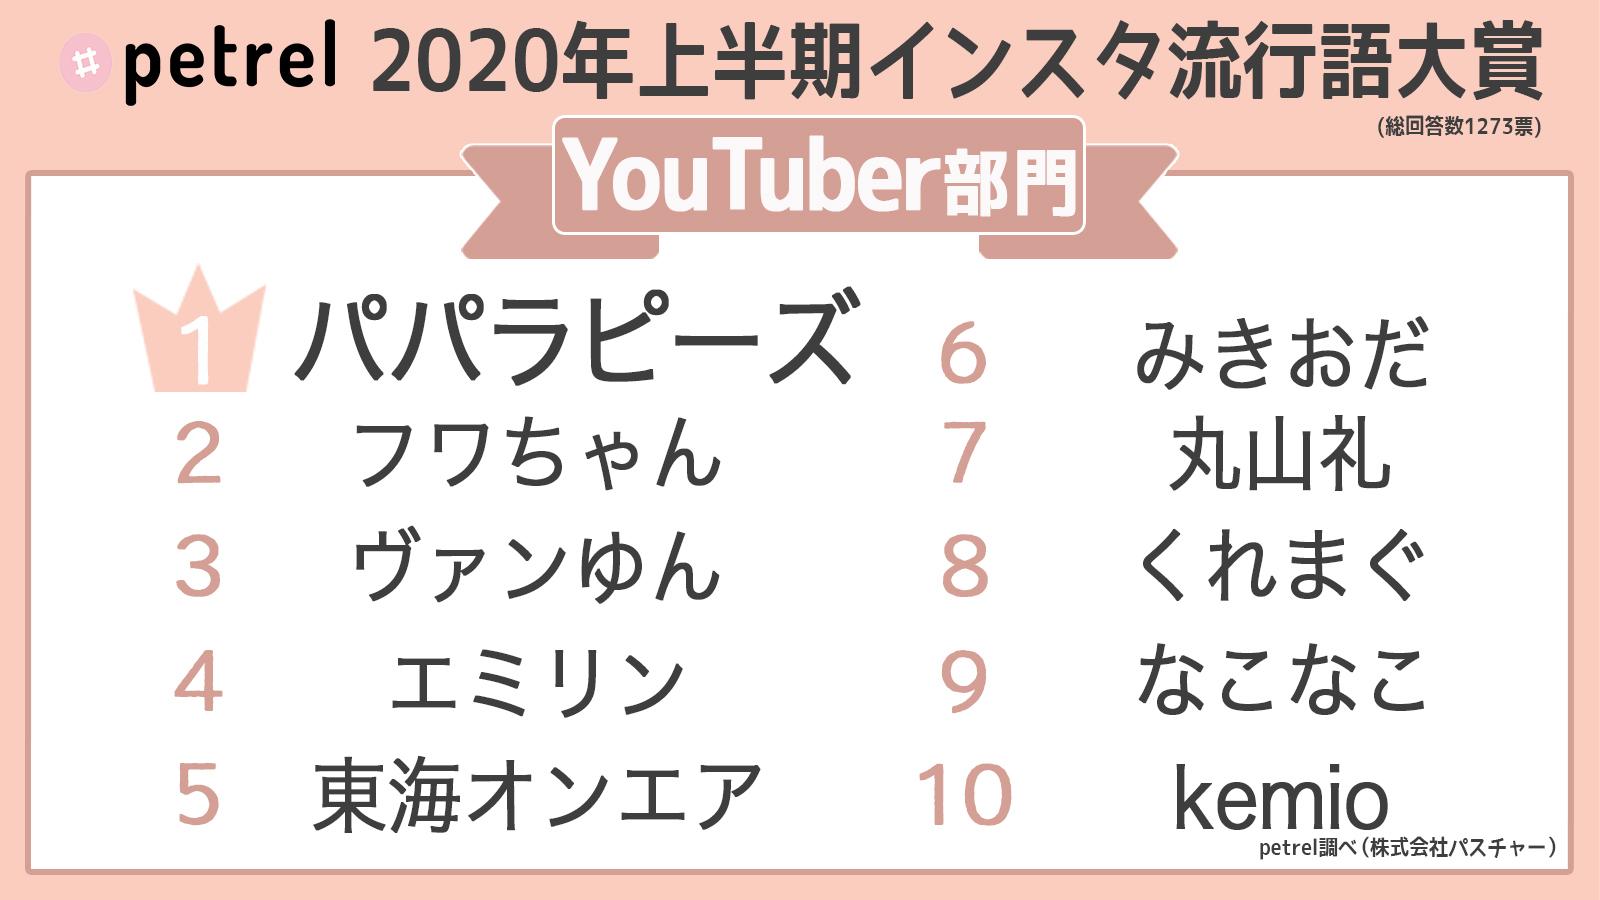 流行語Twitter(YouTuber部門)